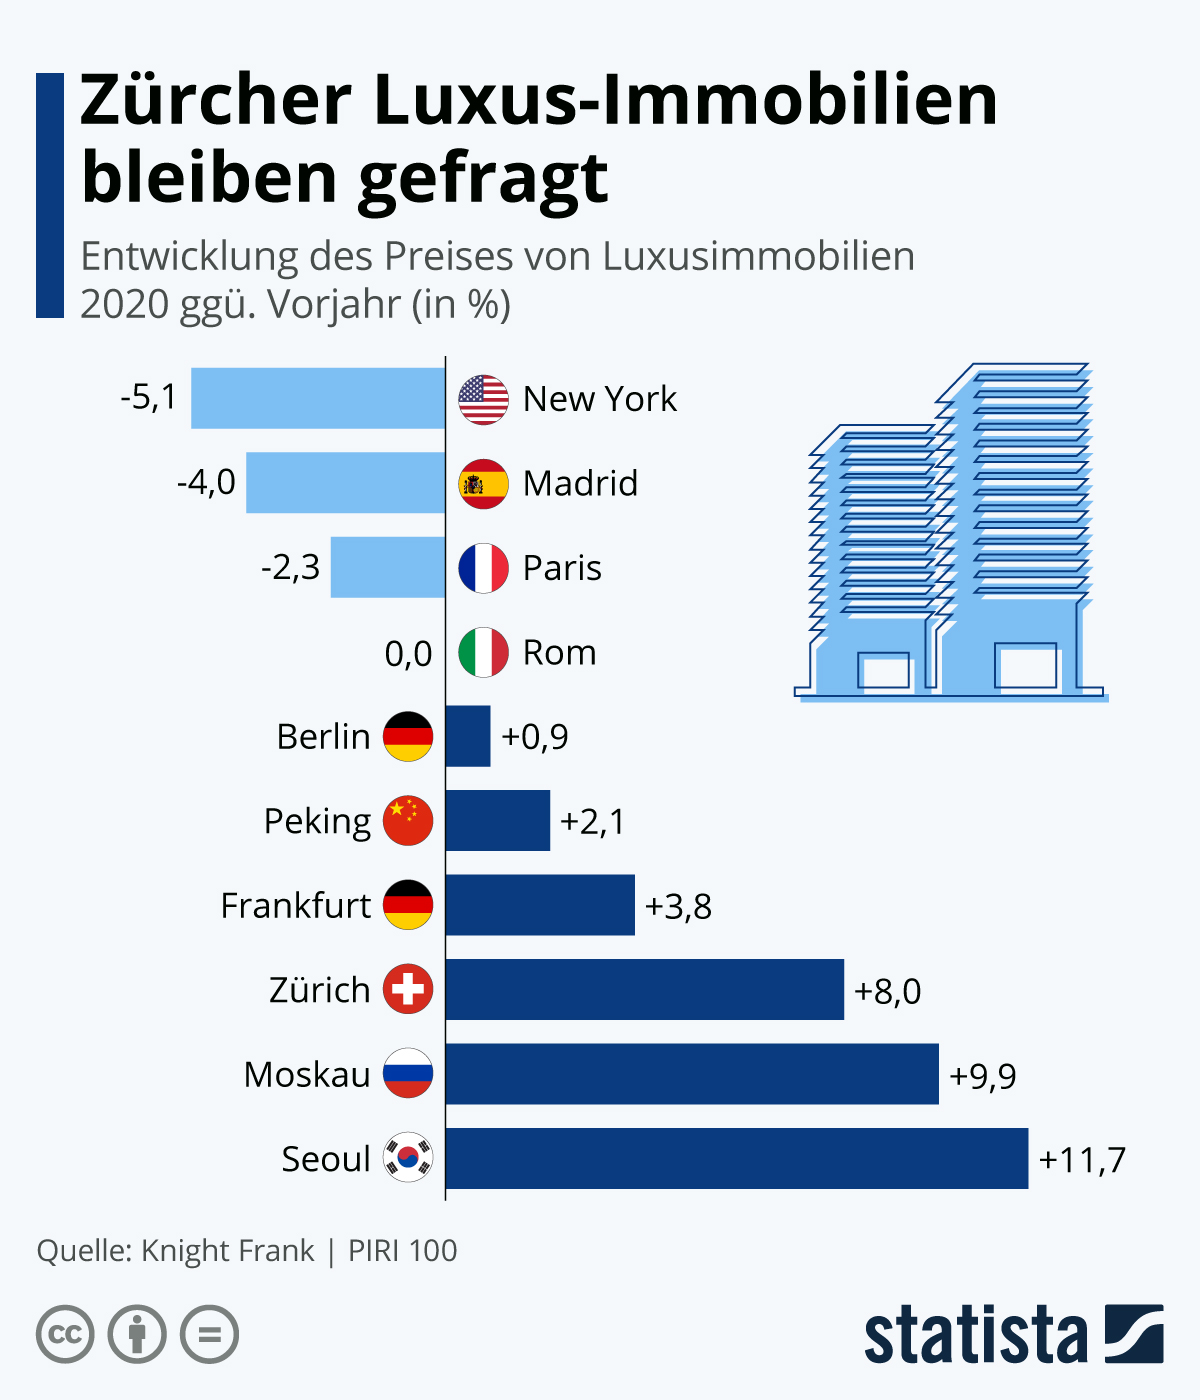 Infografik: Zürcher Luxus-Immobilien bleiben gefragt | Statista